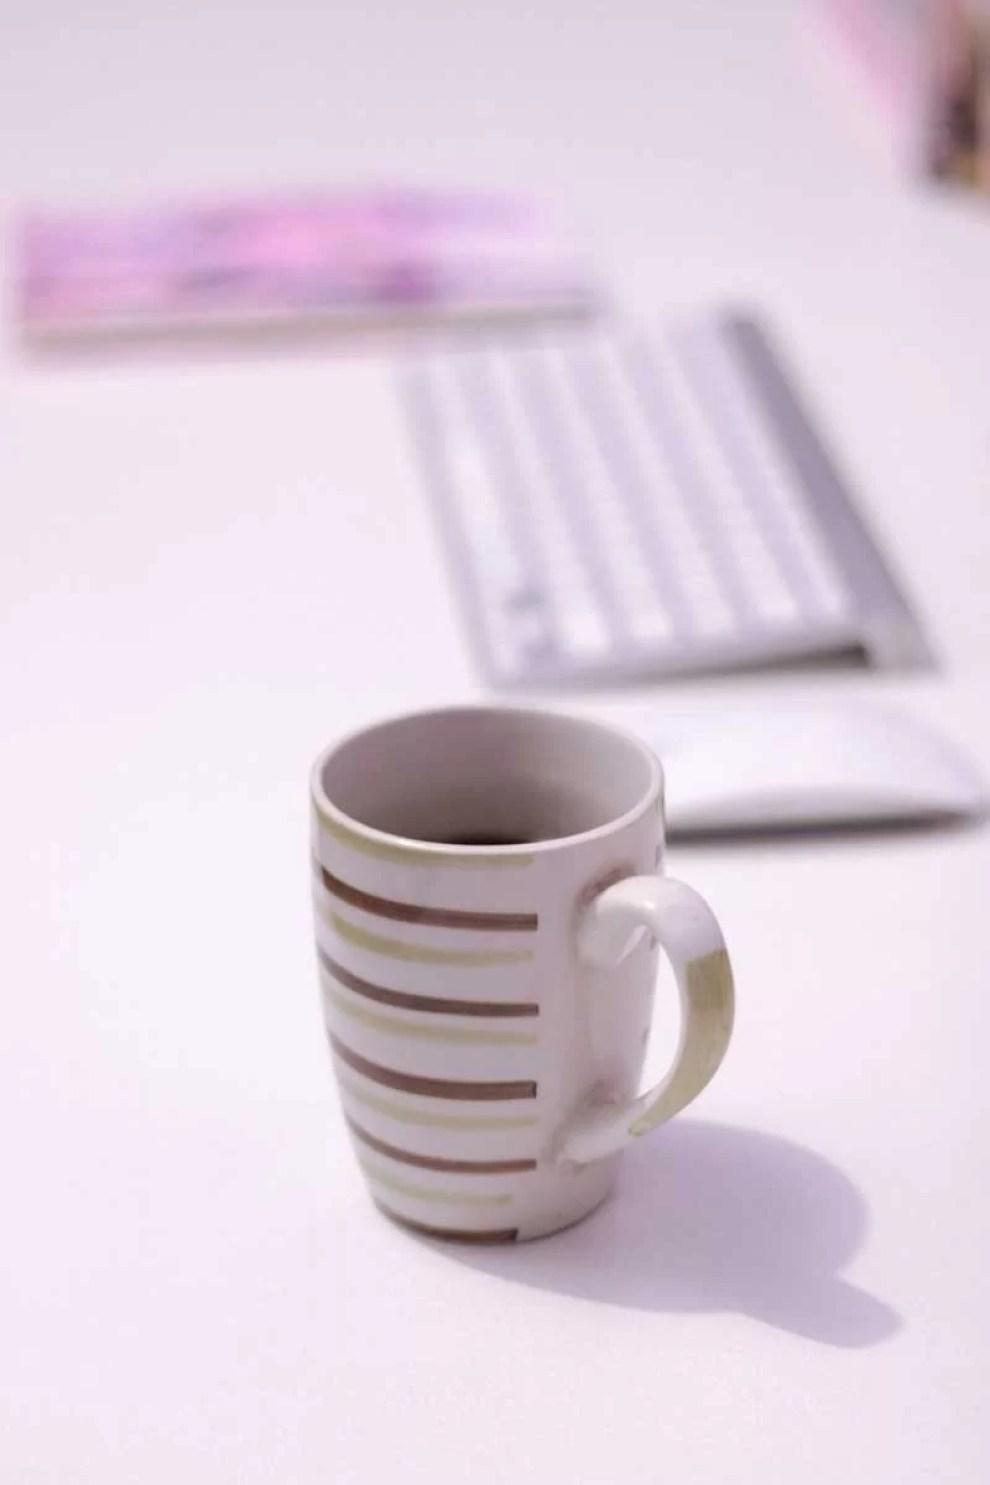 Café preto coado